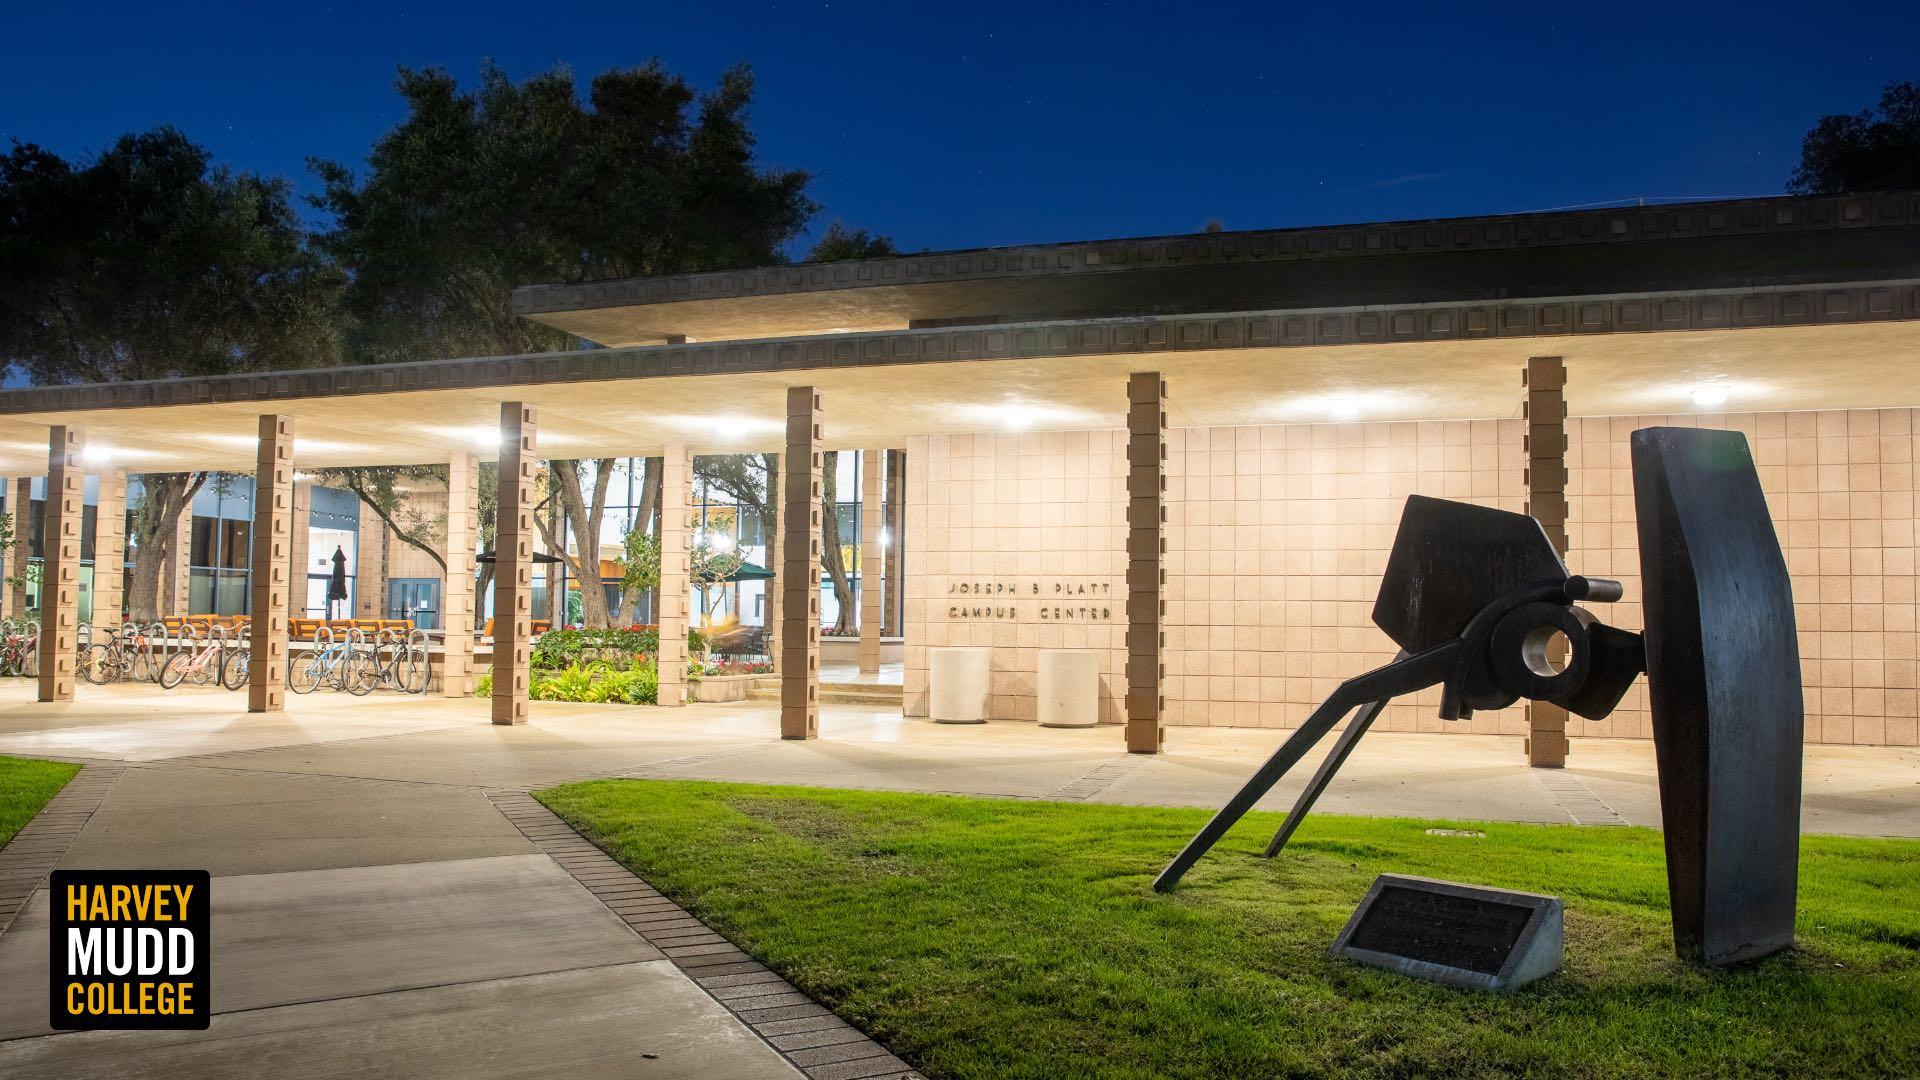 Platt Campus Center at night, Harvey Mudd College